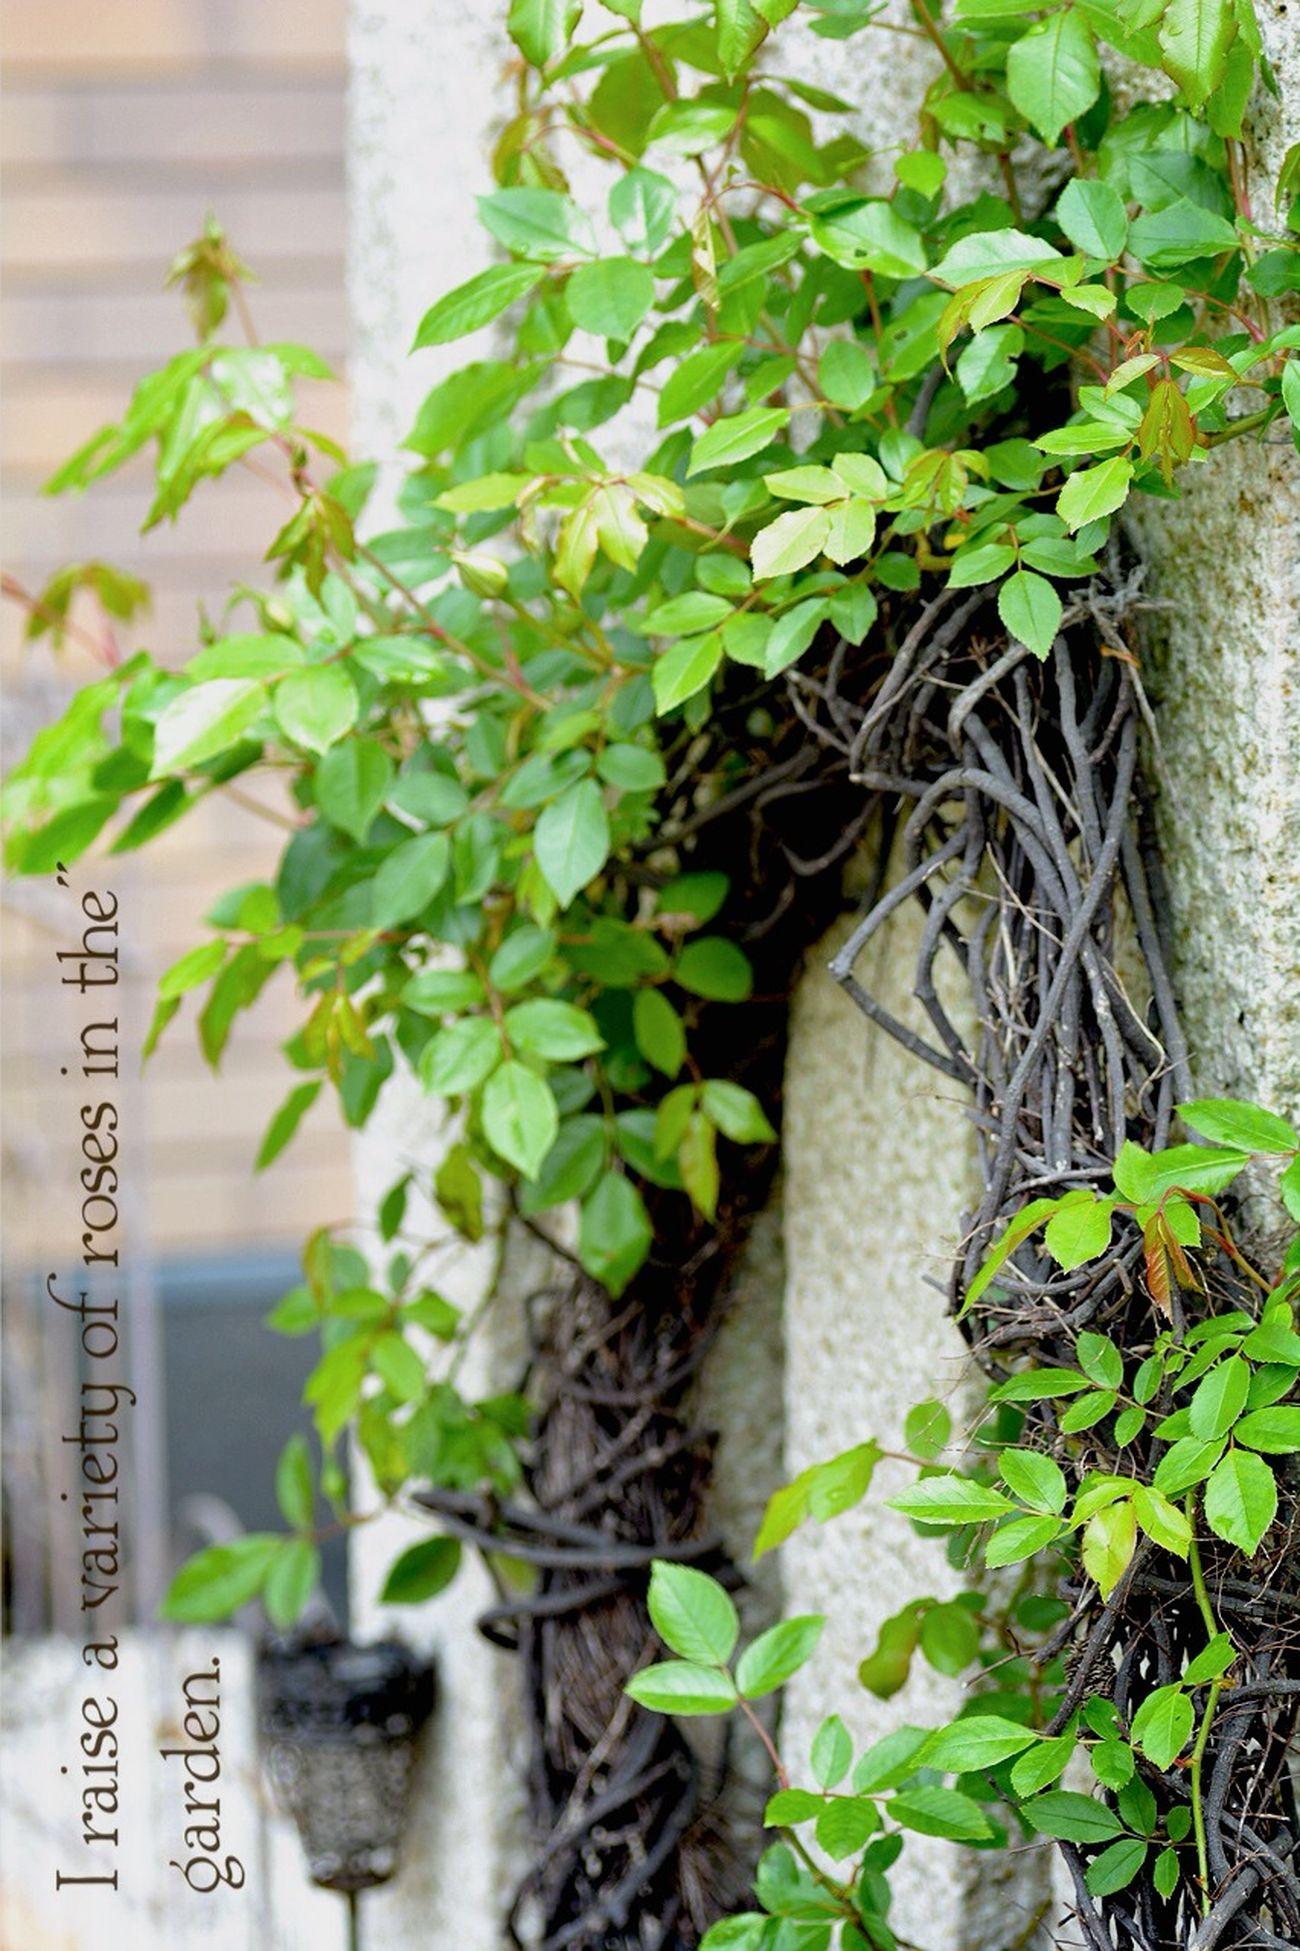 Japan EyeEm 2015 TAMROM Nikon D5200 In My Garden... 庭に咲く花 薔薇の新芽 Enjoying Life